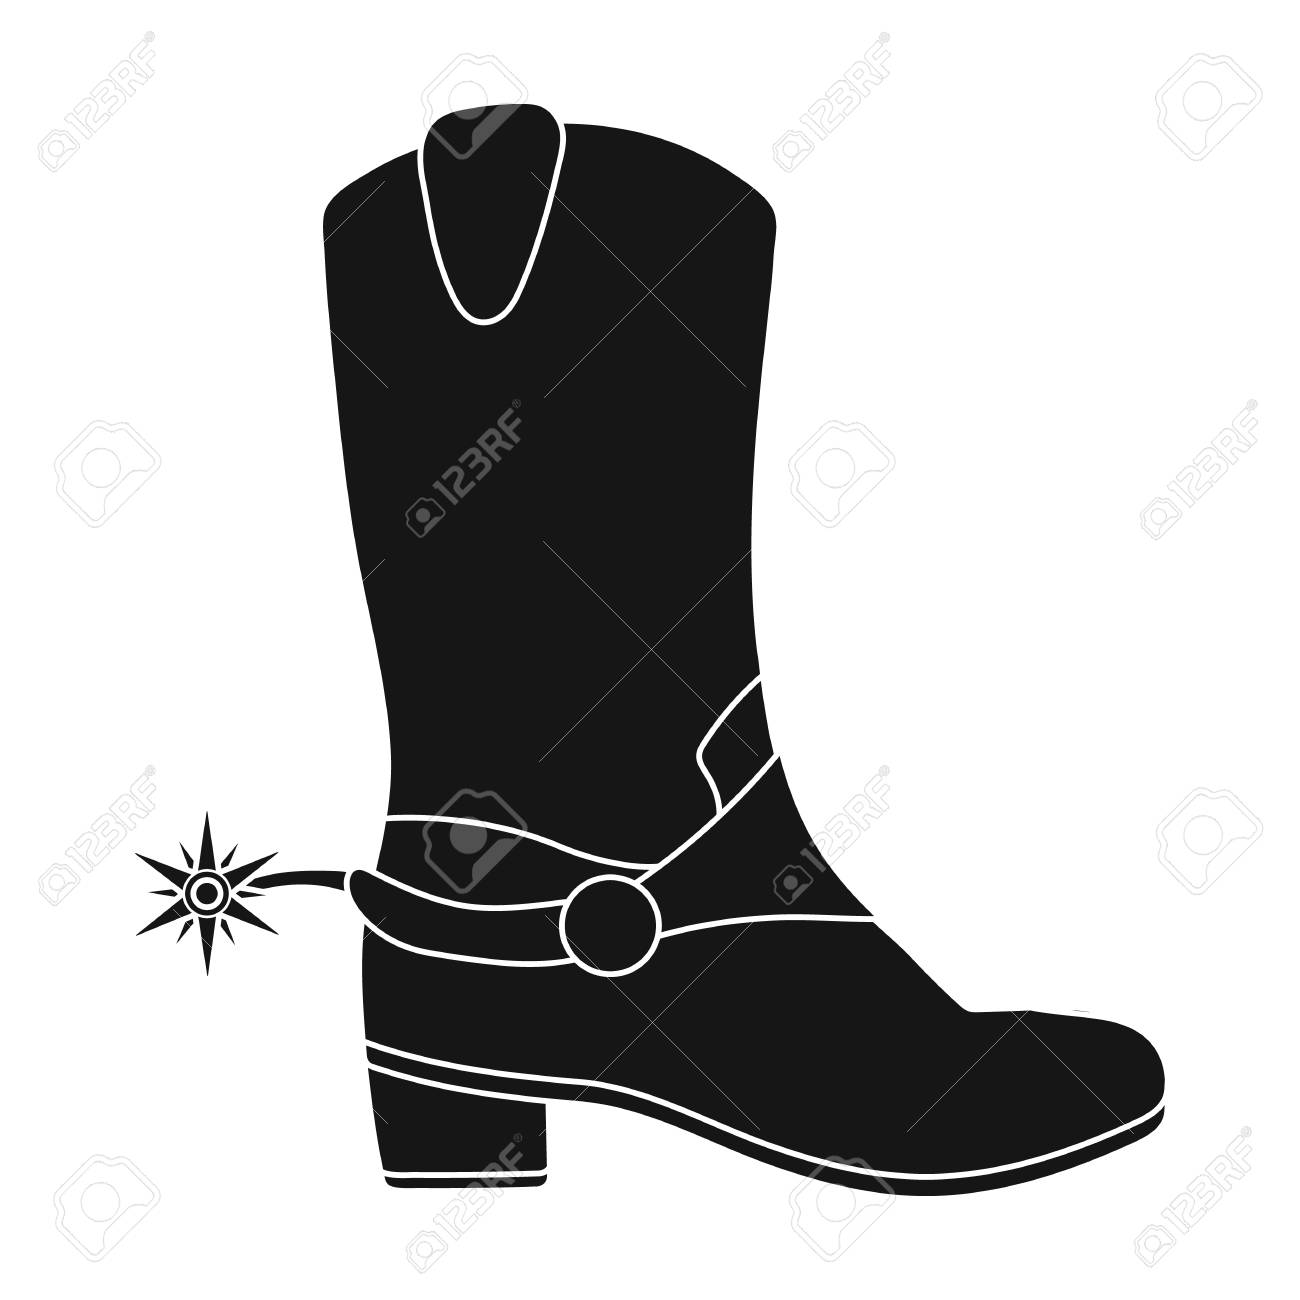 Icono de botas de vaquero en estilo negro aislado sobre fondo blanco. Ilustración de vector de símbolo de país de Estados Unidos.